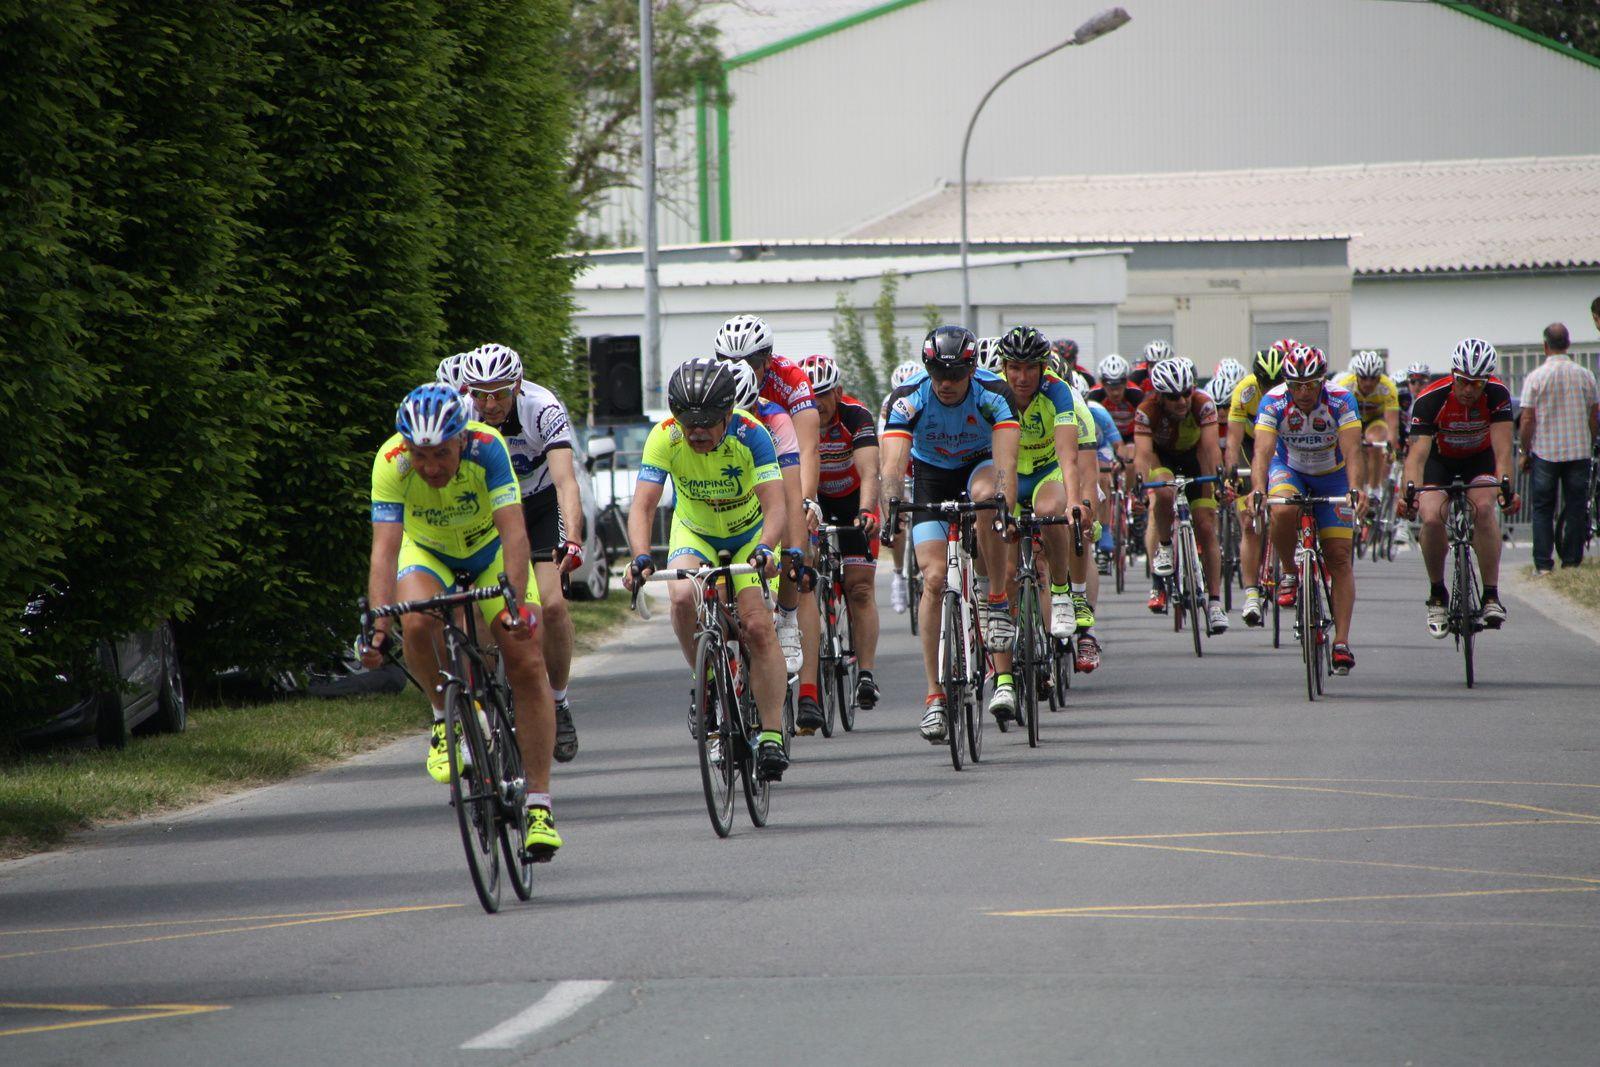 2  non-licenciés  figurent  dans  ce  groupe  de  6, le  peloton  est  toujours  emmené  par  les  coureurs  du  VCC  Marennes